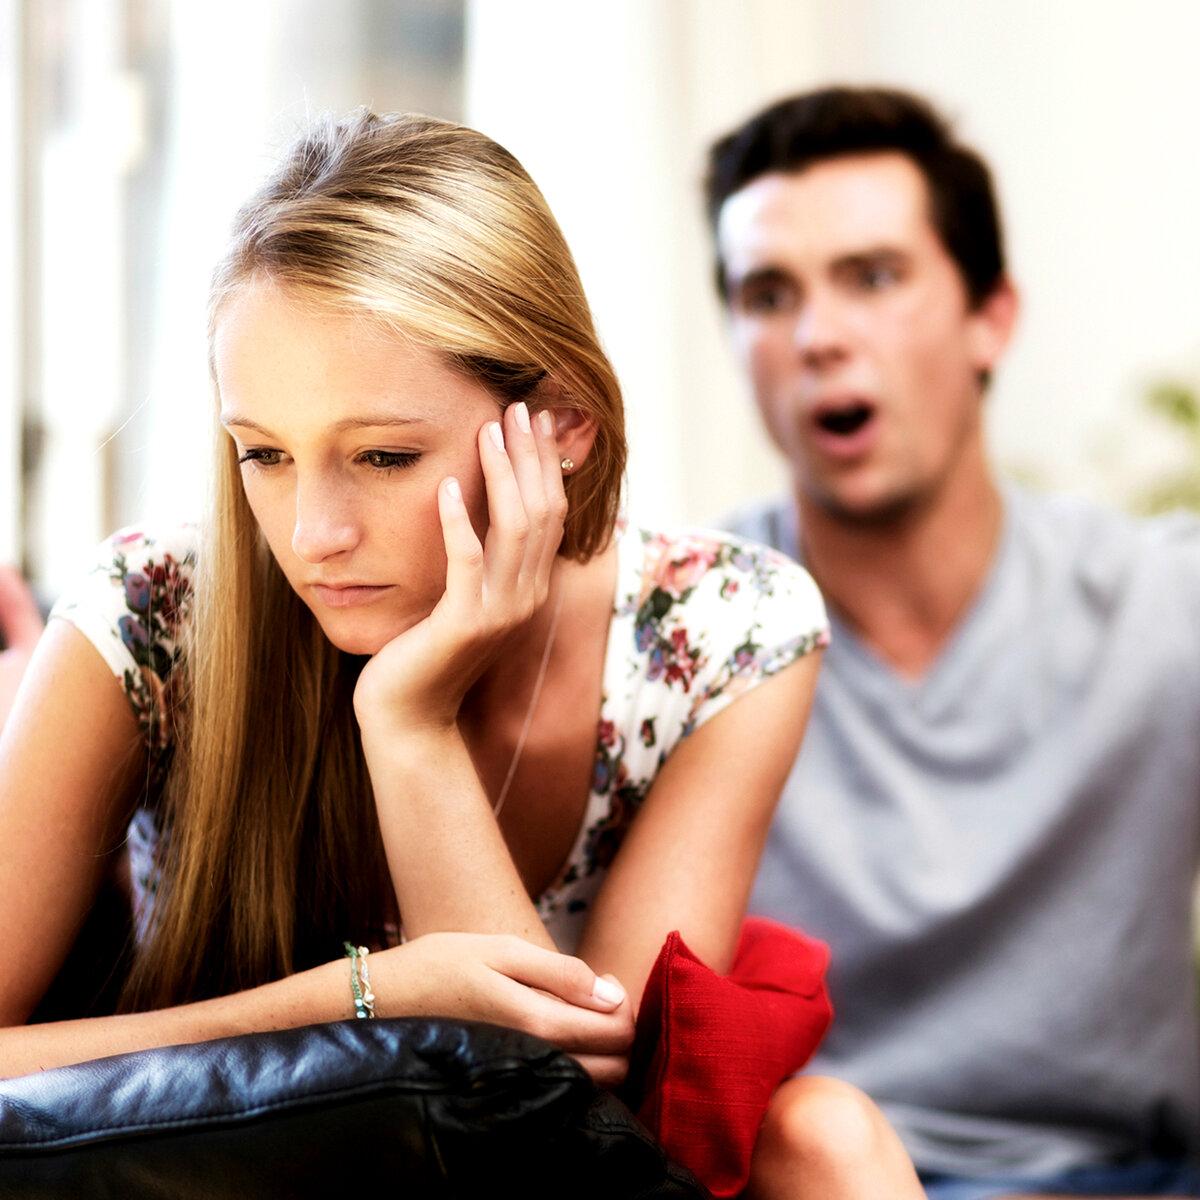 7 вещей, которые раздражают почти всех родителей | я ваша кроха | яндекс дзен